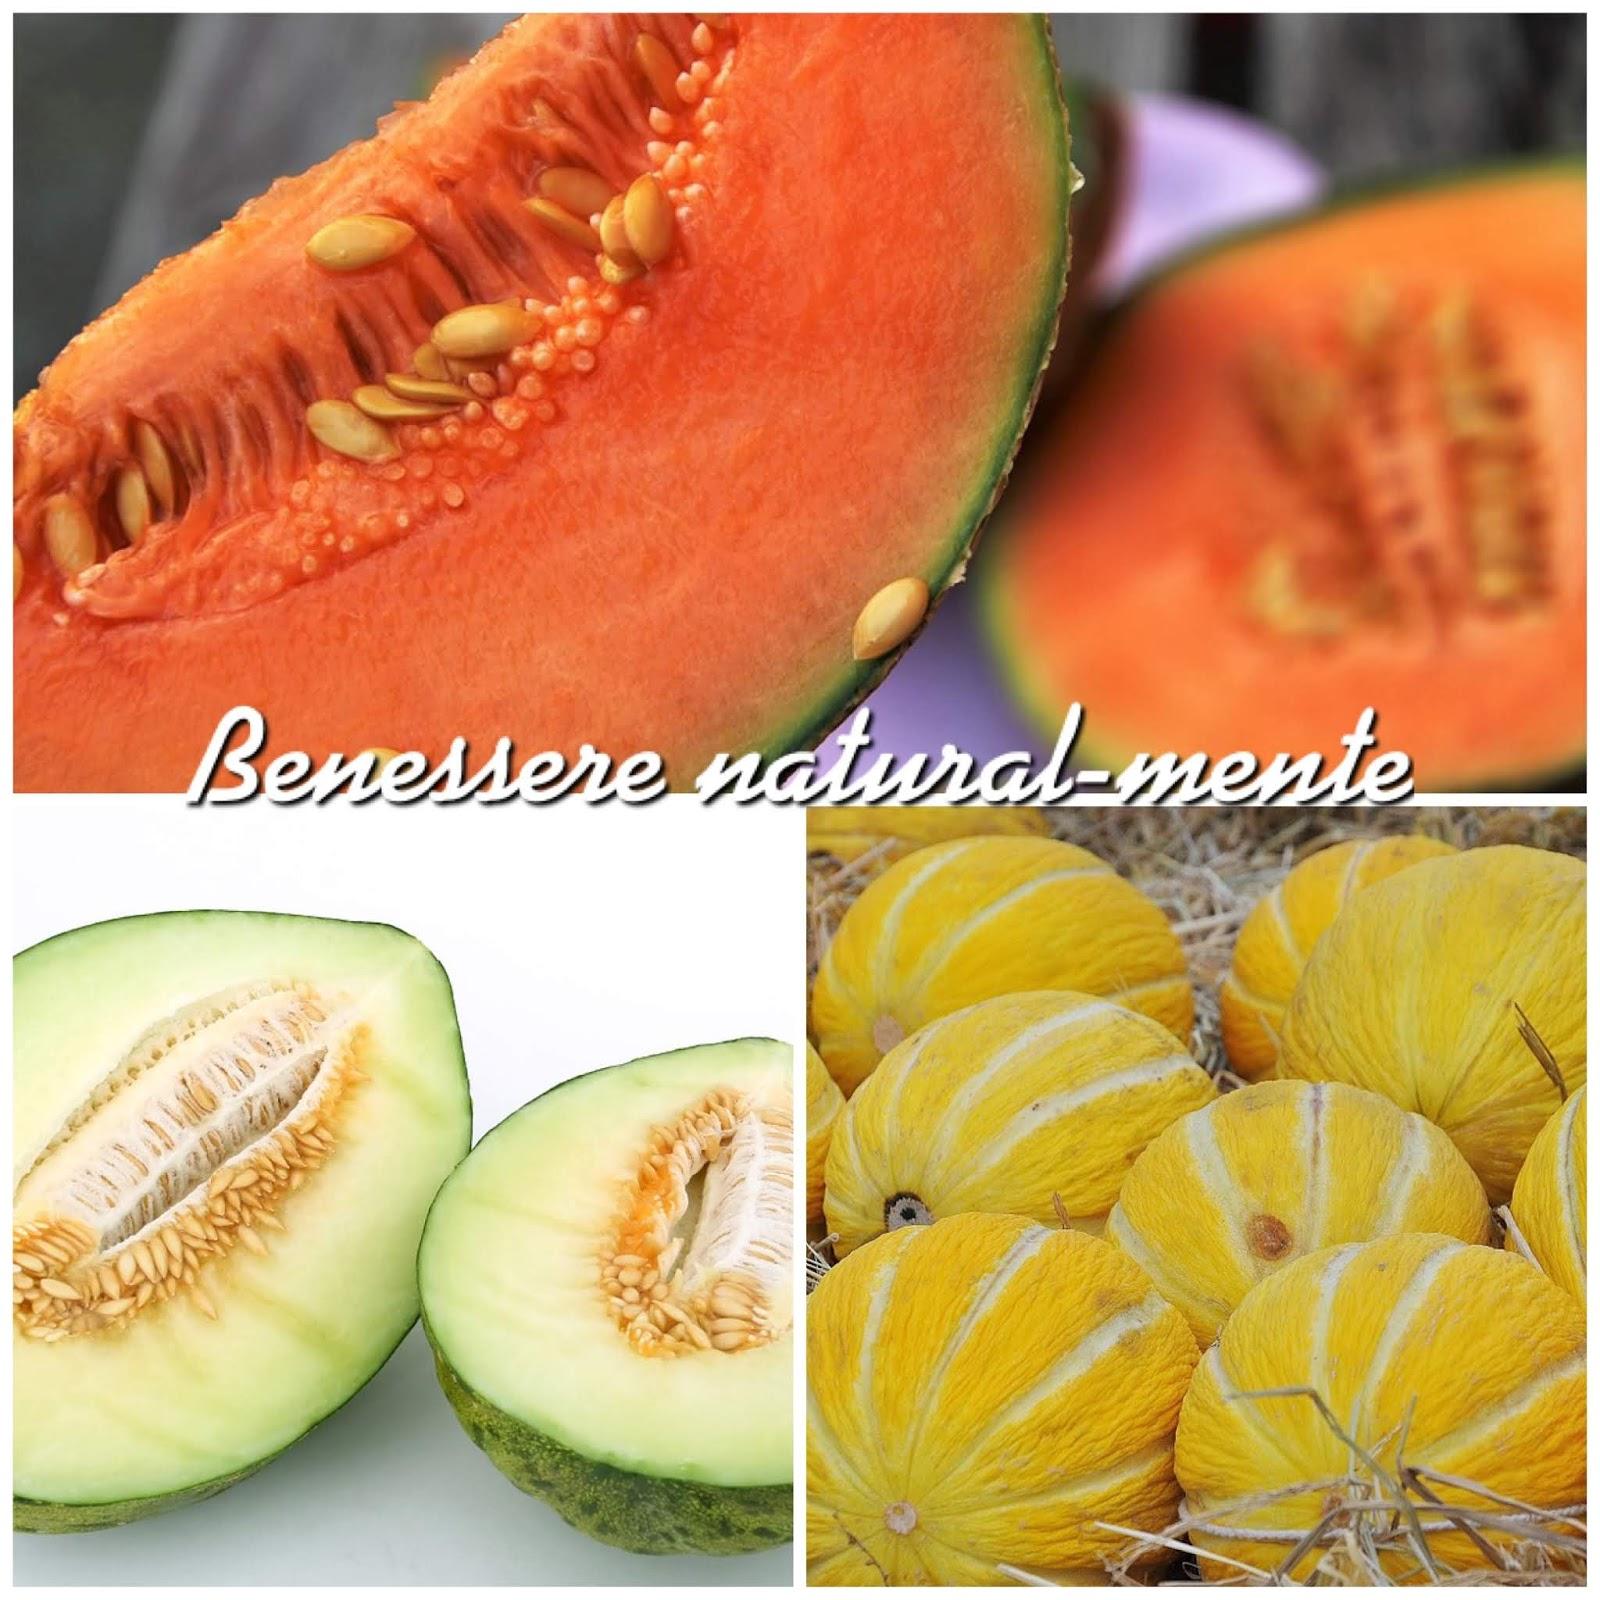 Benessere Natural Mente Melone Proprieta E Utilizzo